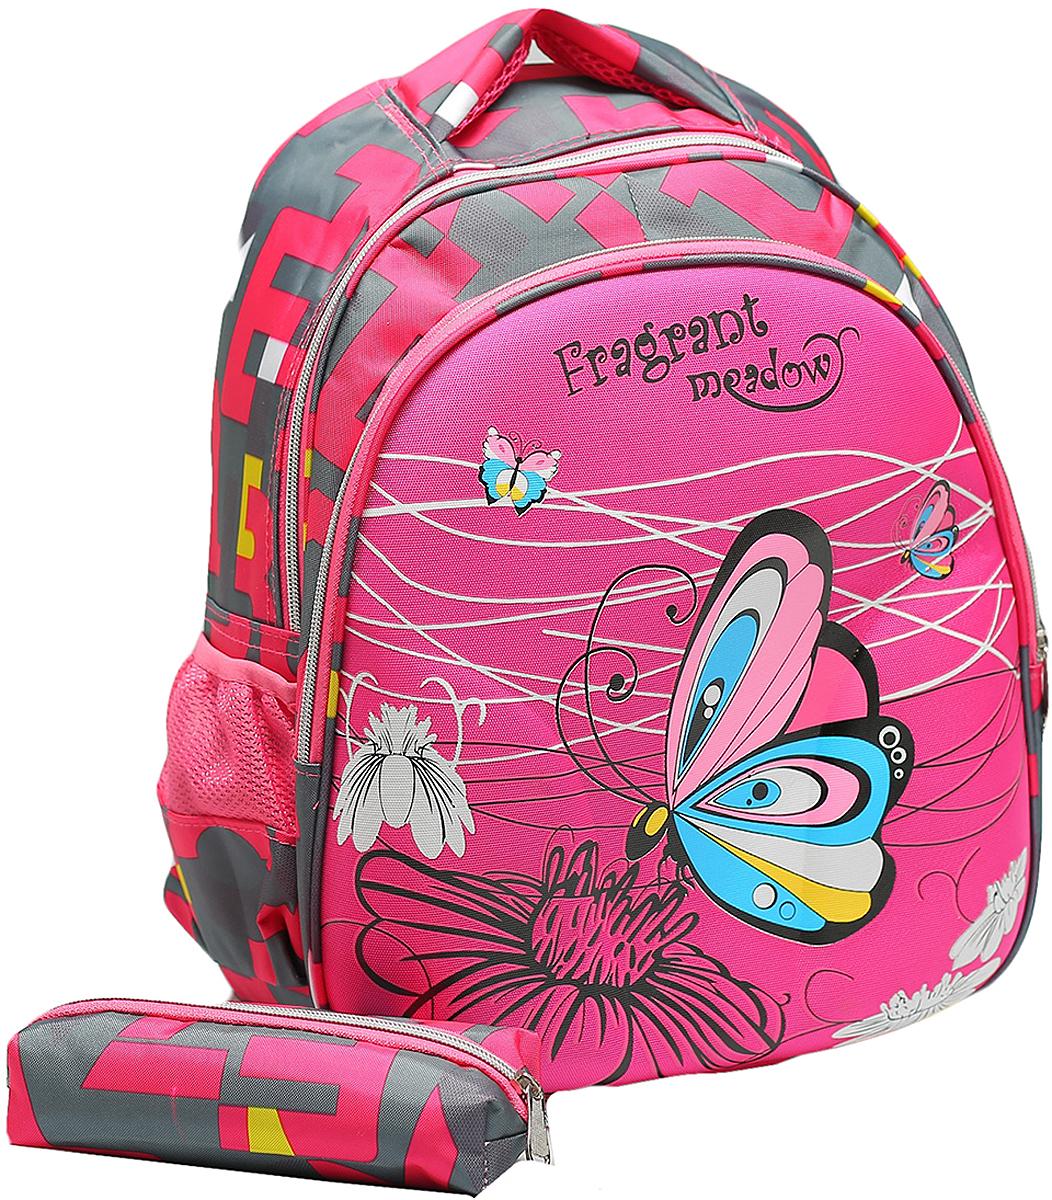 382624638ed3 Рюкзак детский Бабочка цвет розовый 2820269 — купить в интернет-магазине  OZON.ru с быстрой доставкой